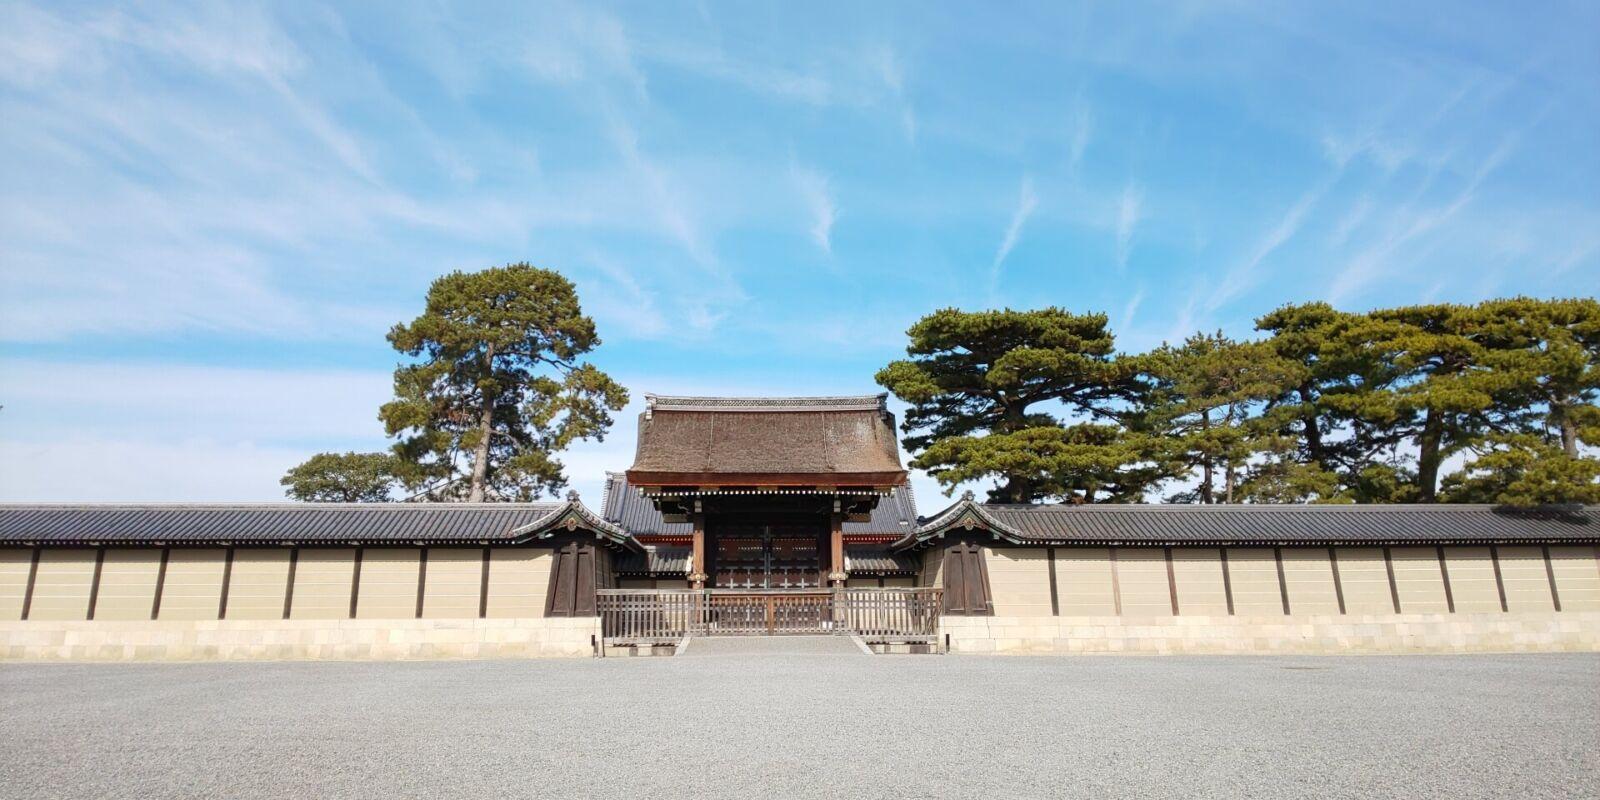 kyoto-nijo-castle